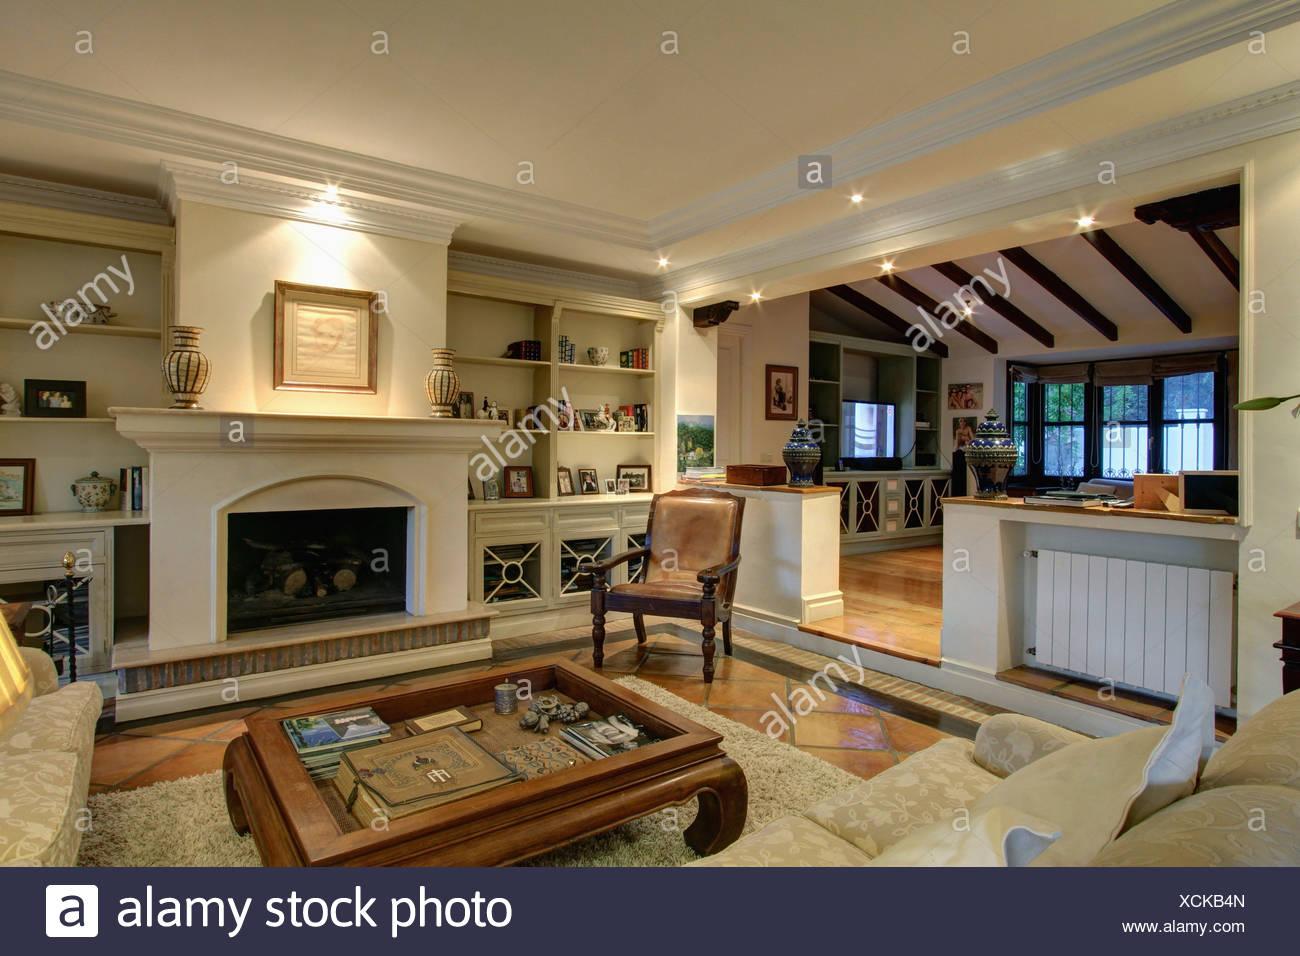 Merveilleux Couchtisch Kamin Im Offenen Wohnbereich Große Spanische Villa Mit Alkoven  Regale Und Einschub Heizkörper